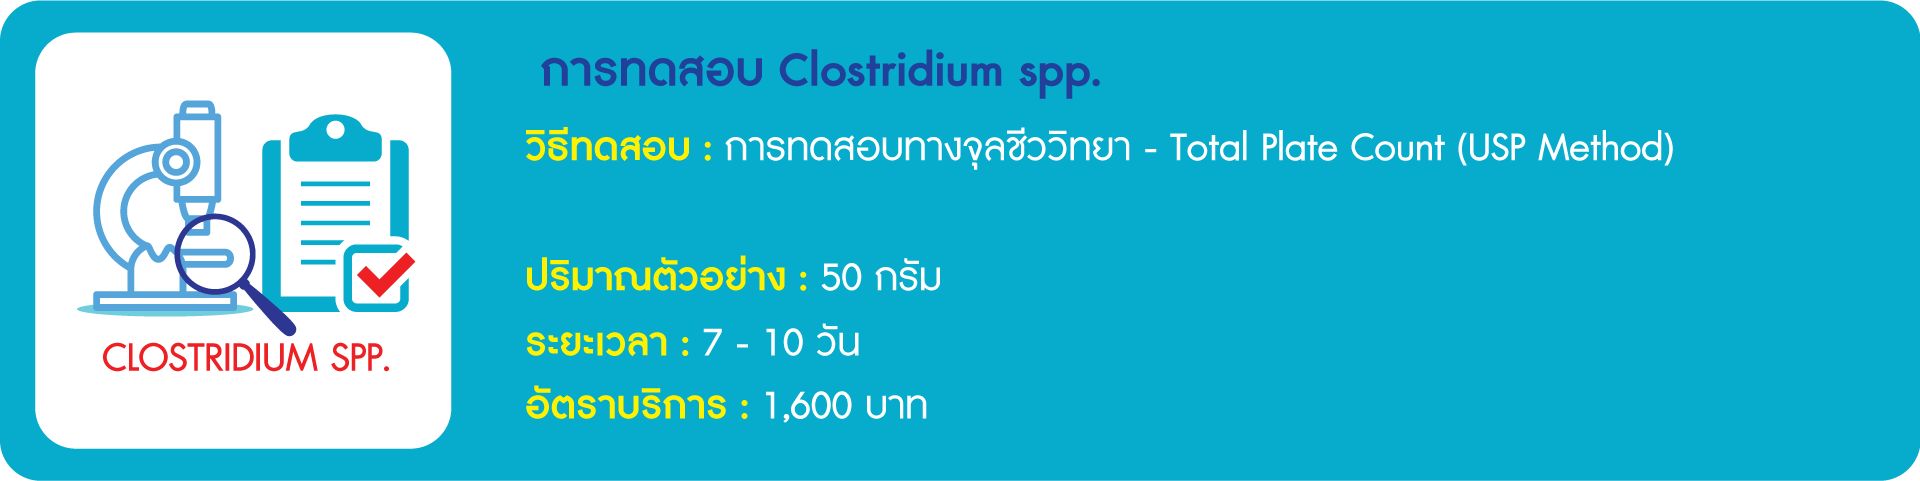 Clostridium spp.